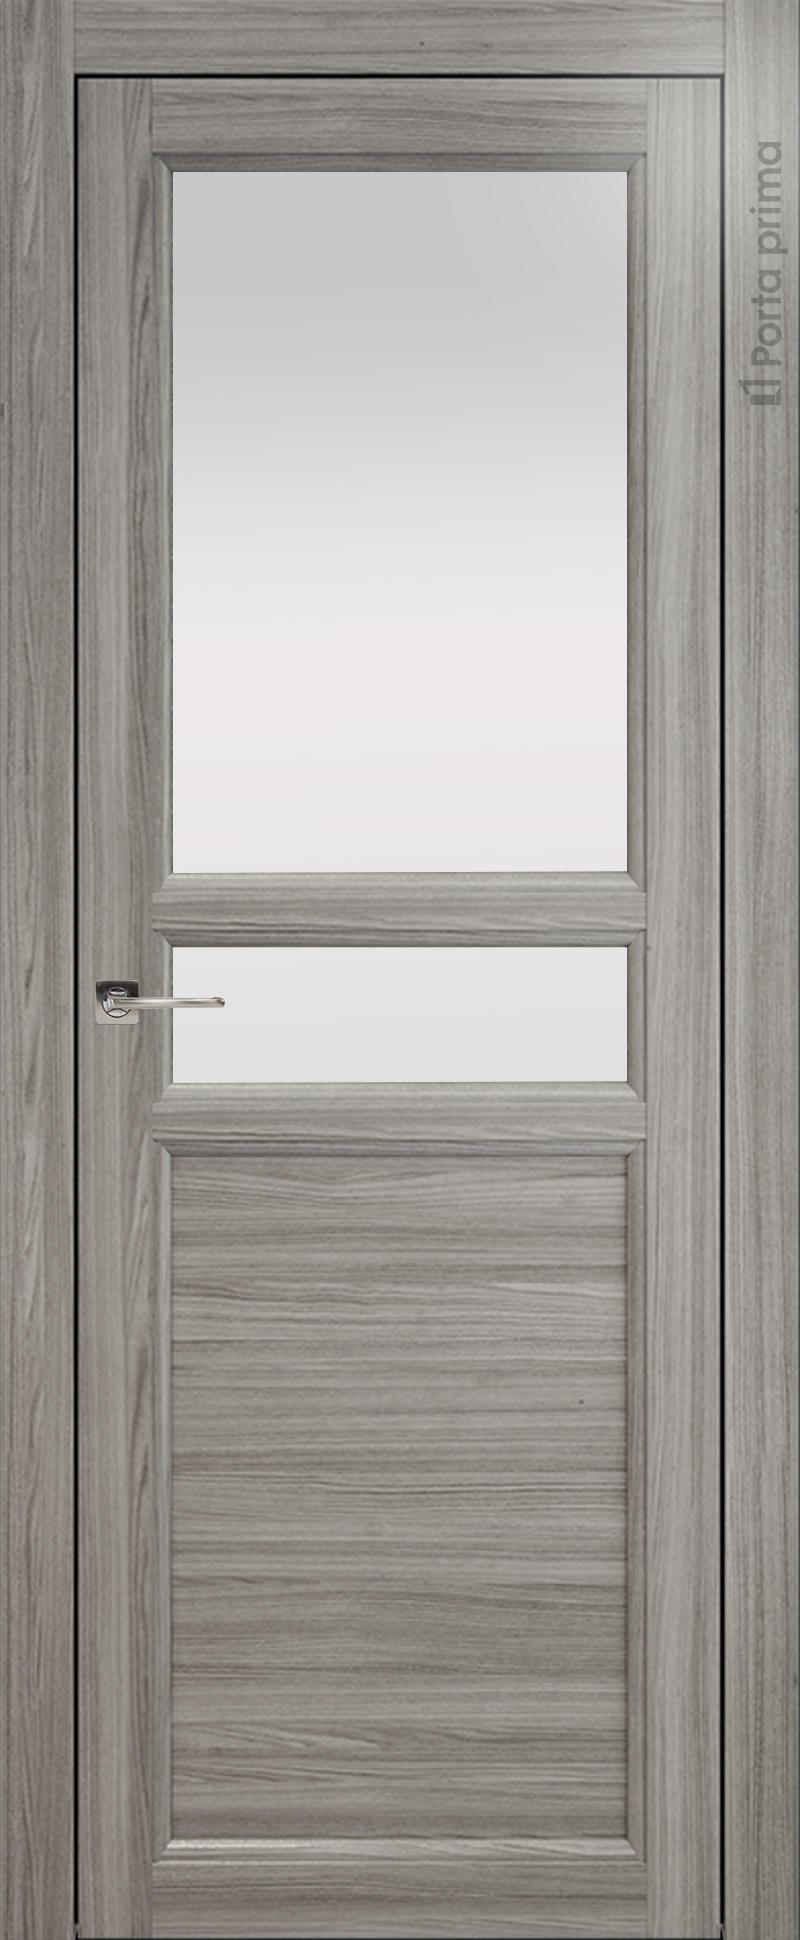 Sorrento-R Д2 цвет - Орех пепельный Со стеклом (ДО)